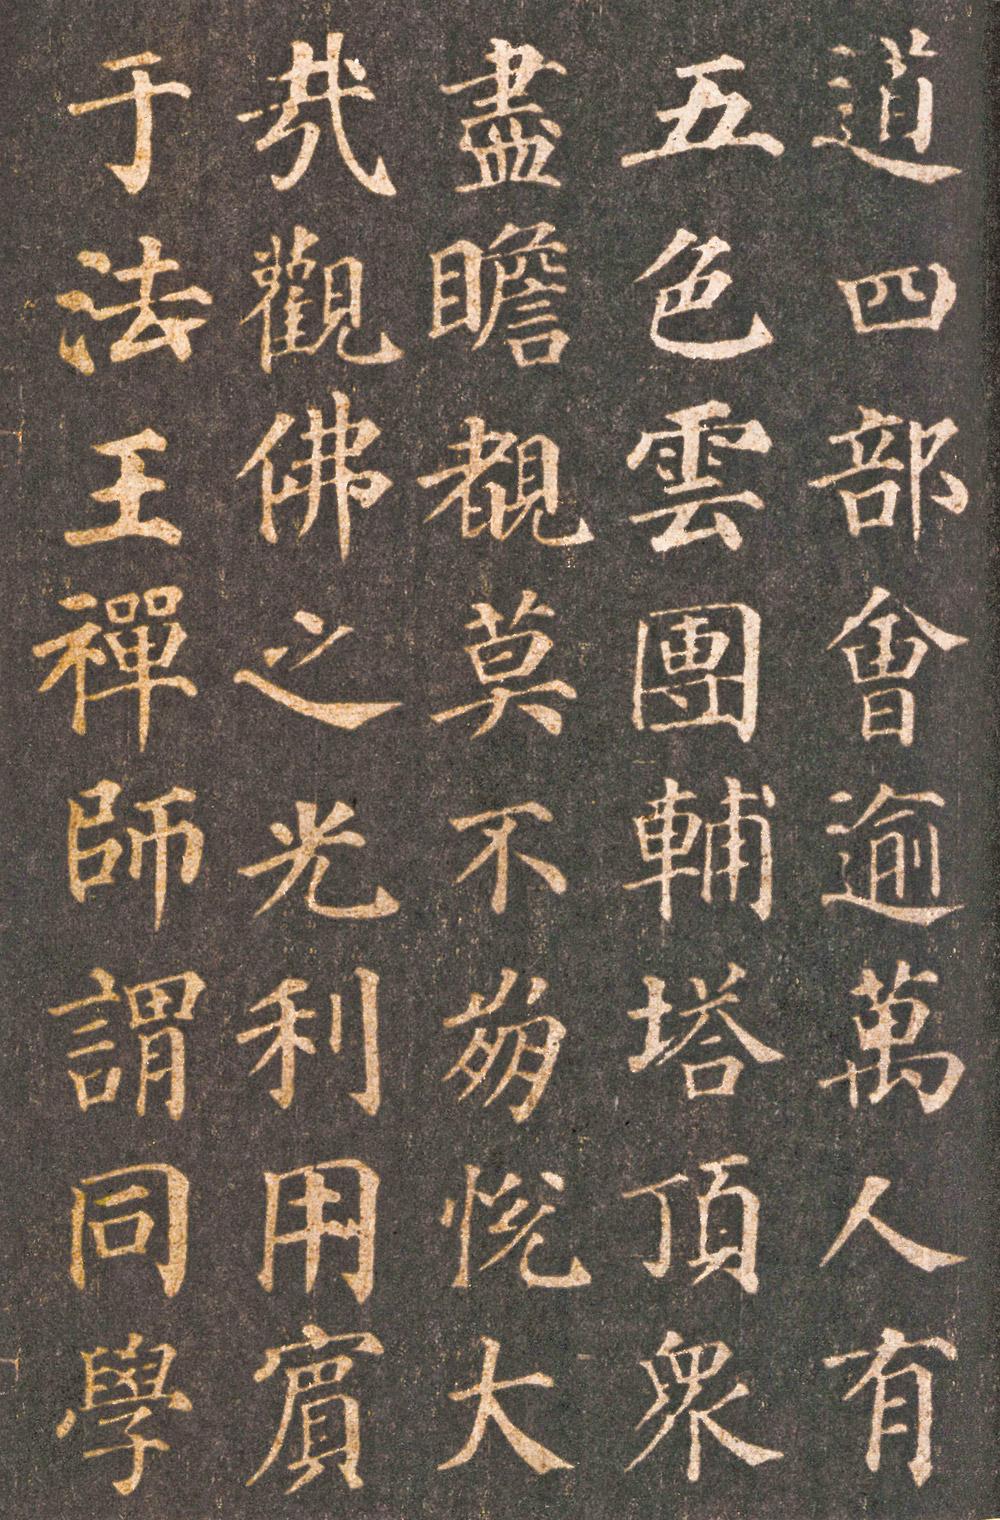 Categories Of Calligraphy Regular Script